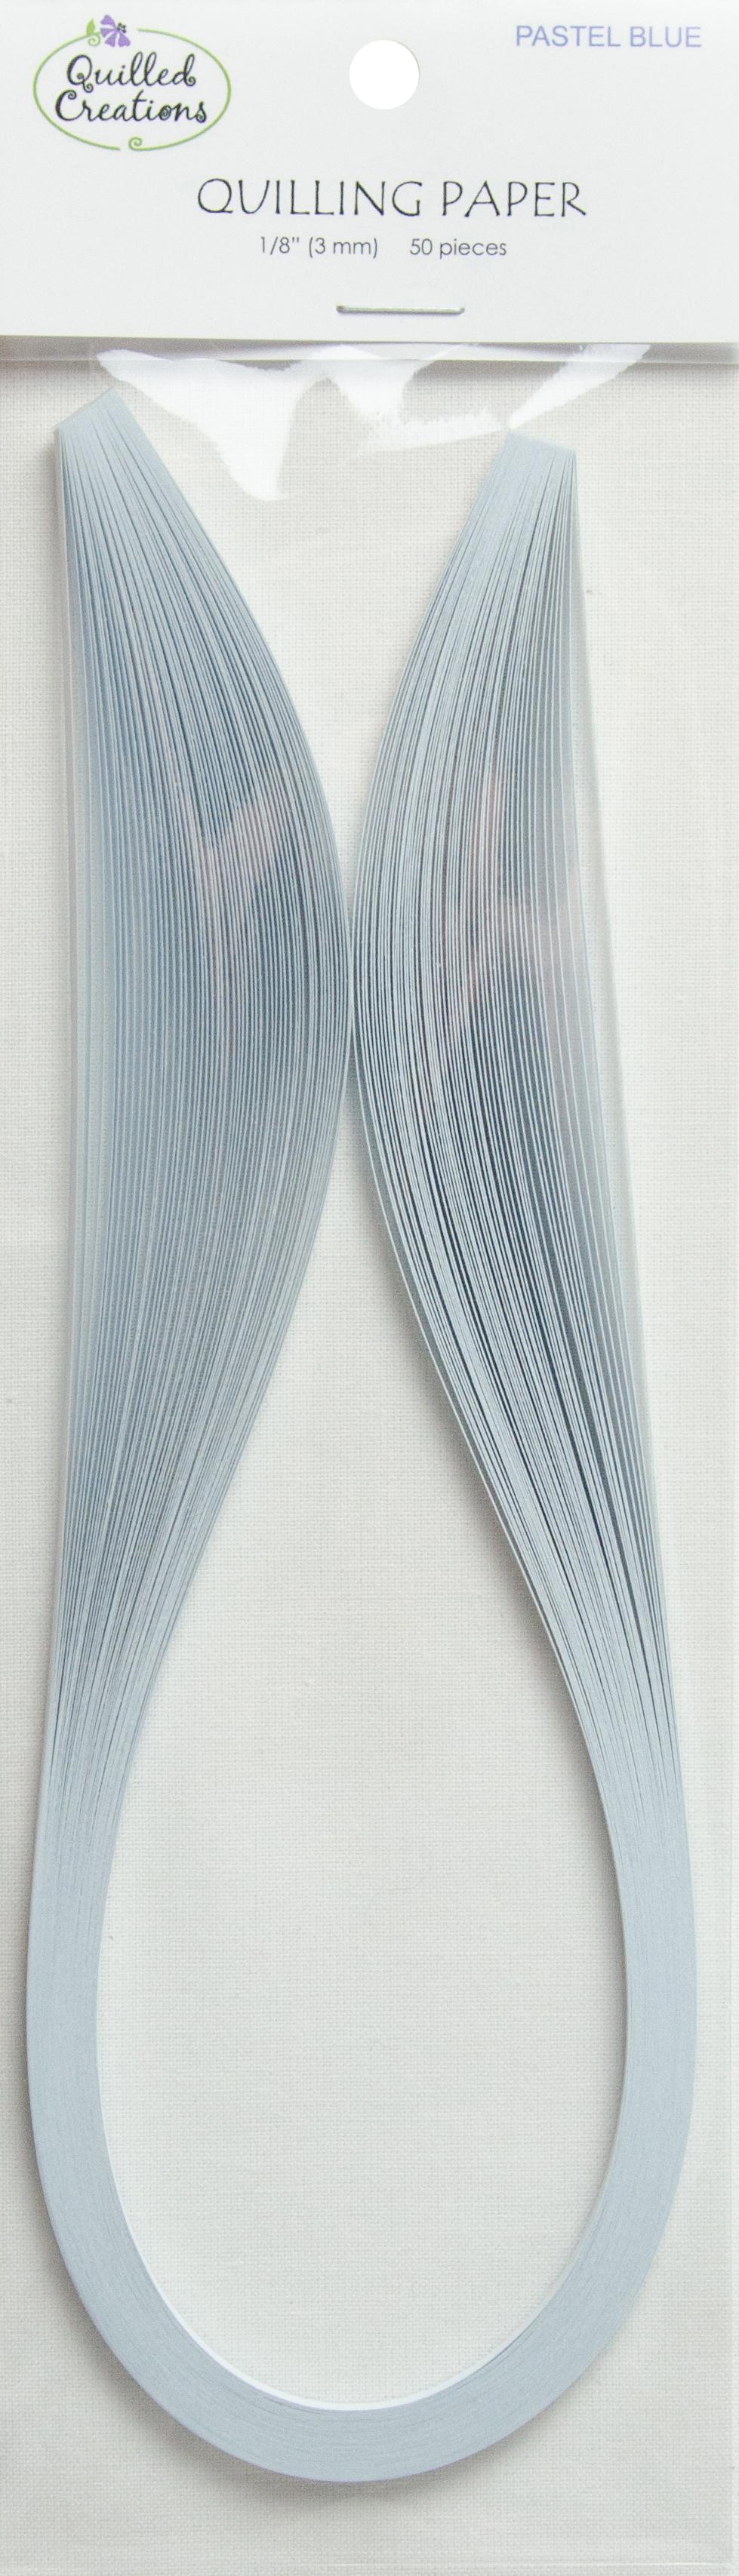 Quilling Paper 1/8 50/Pkg Pastel Blue